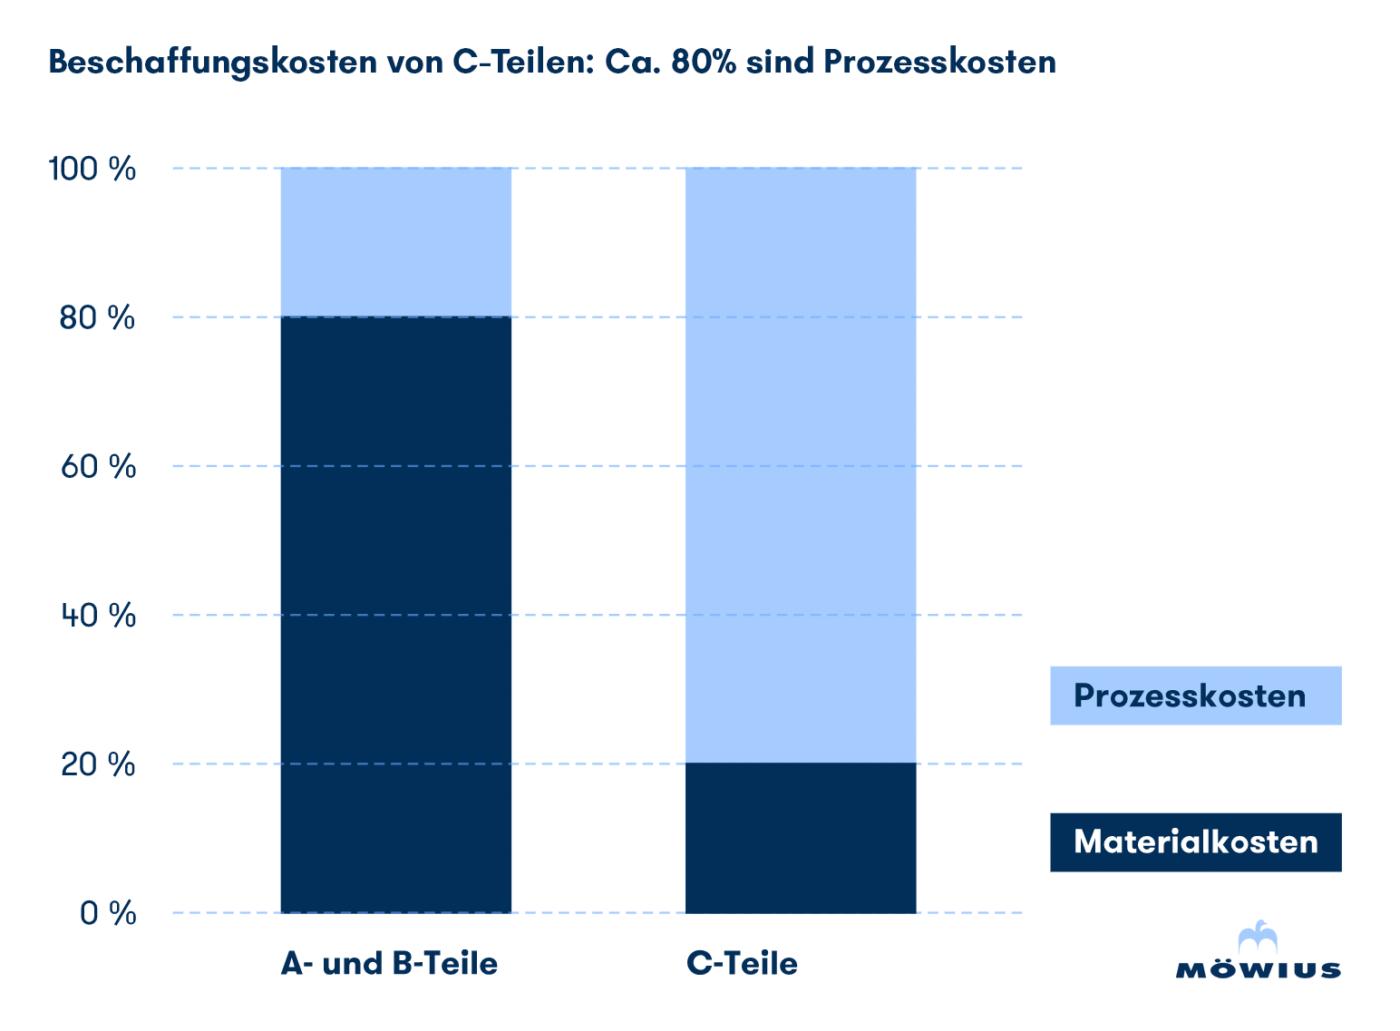 C-Teile Beschaffungskosten liegen bei 80%